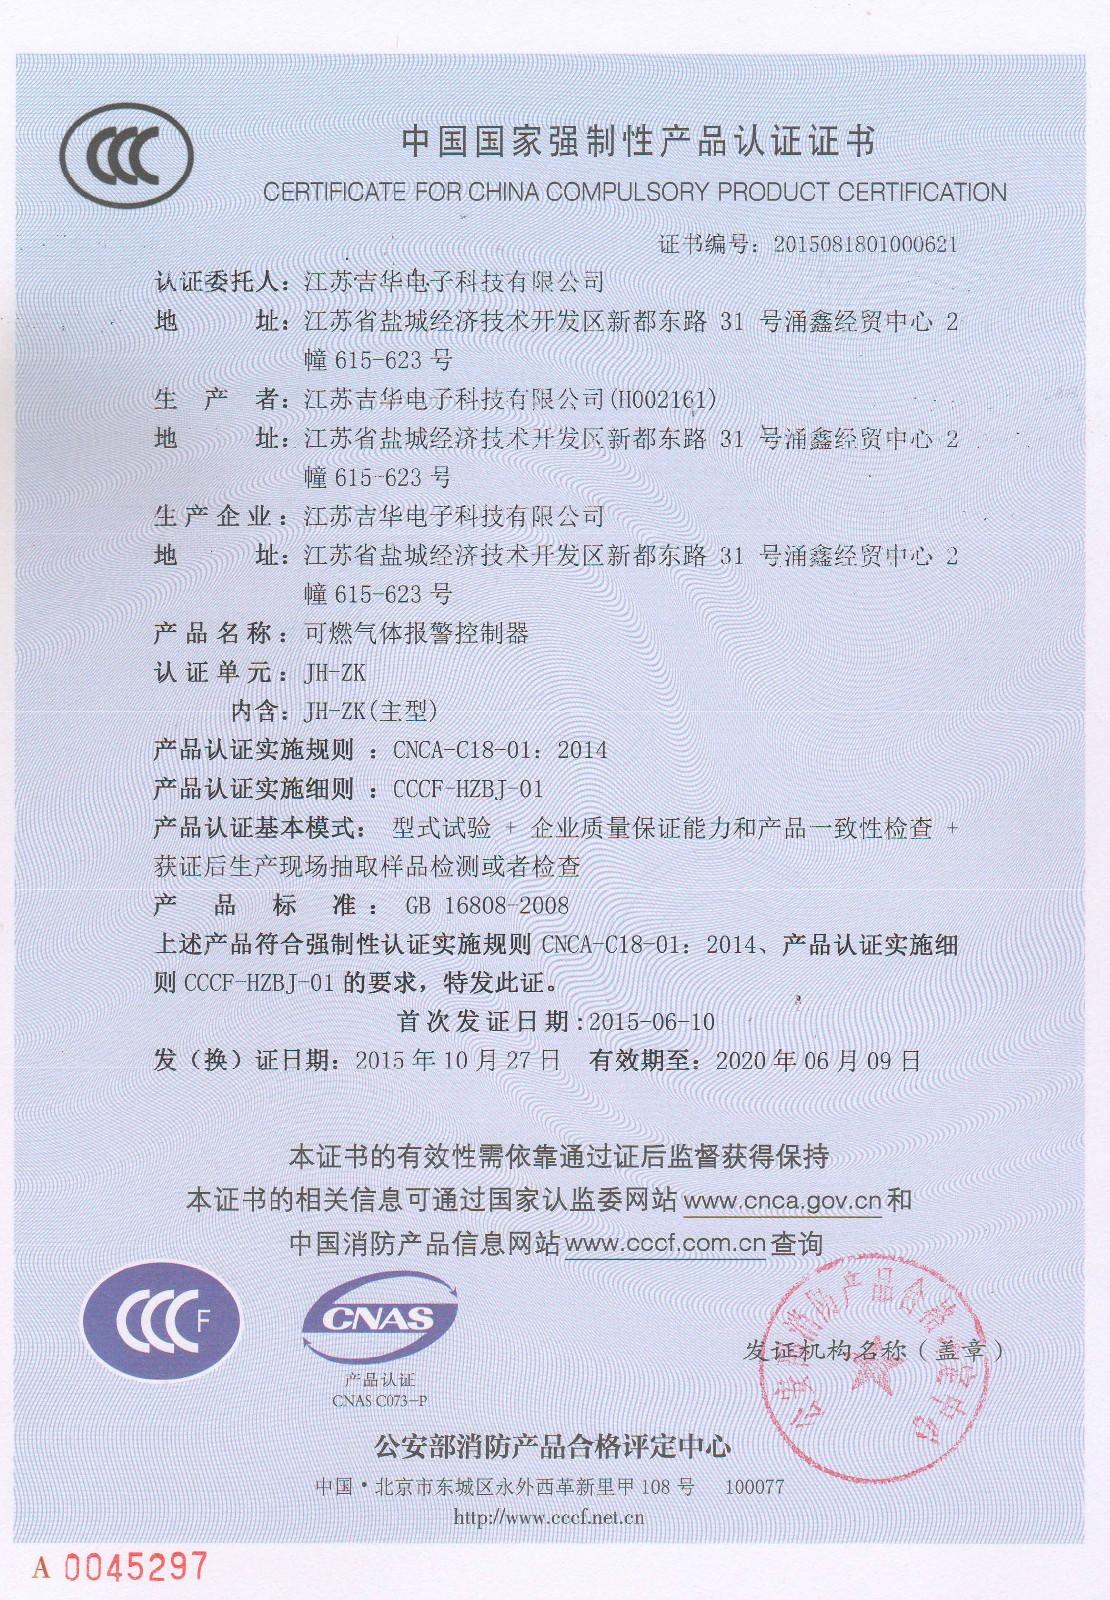 ccc 证书